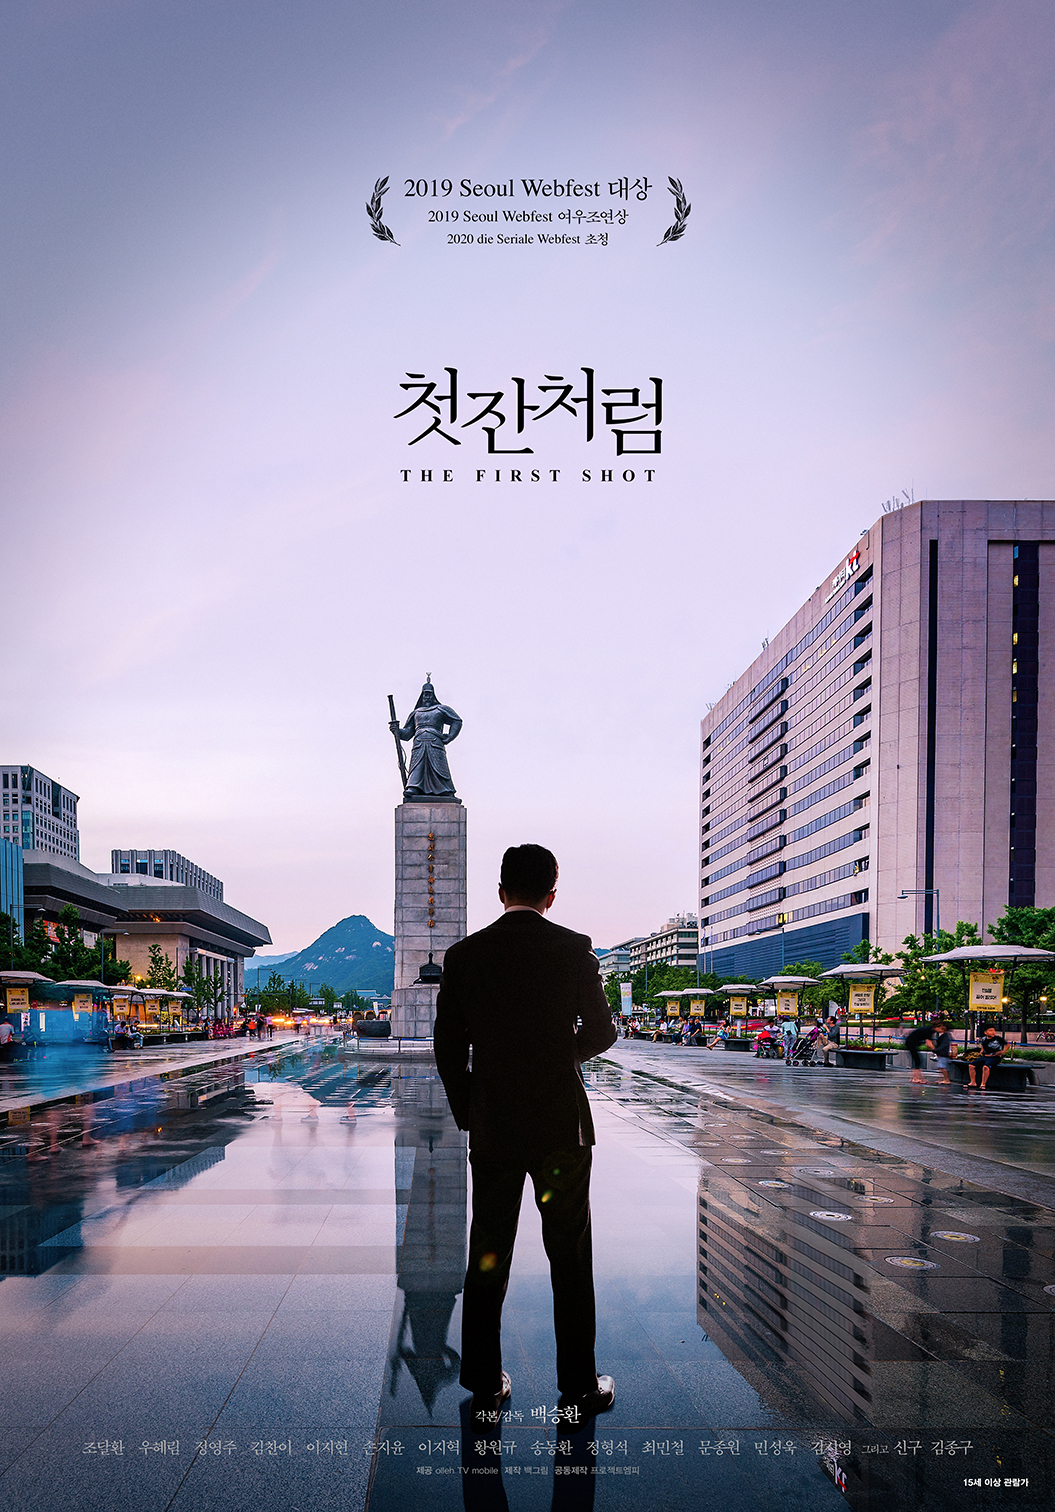 2019 韓國《如同第一杯》講述了關于膽小的藥店銷售員找到自信的故事